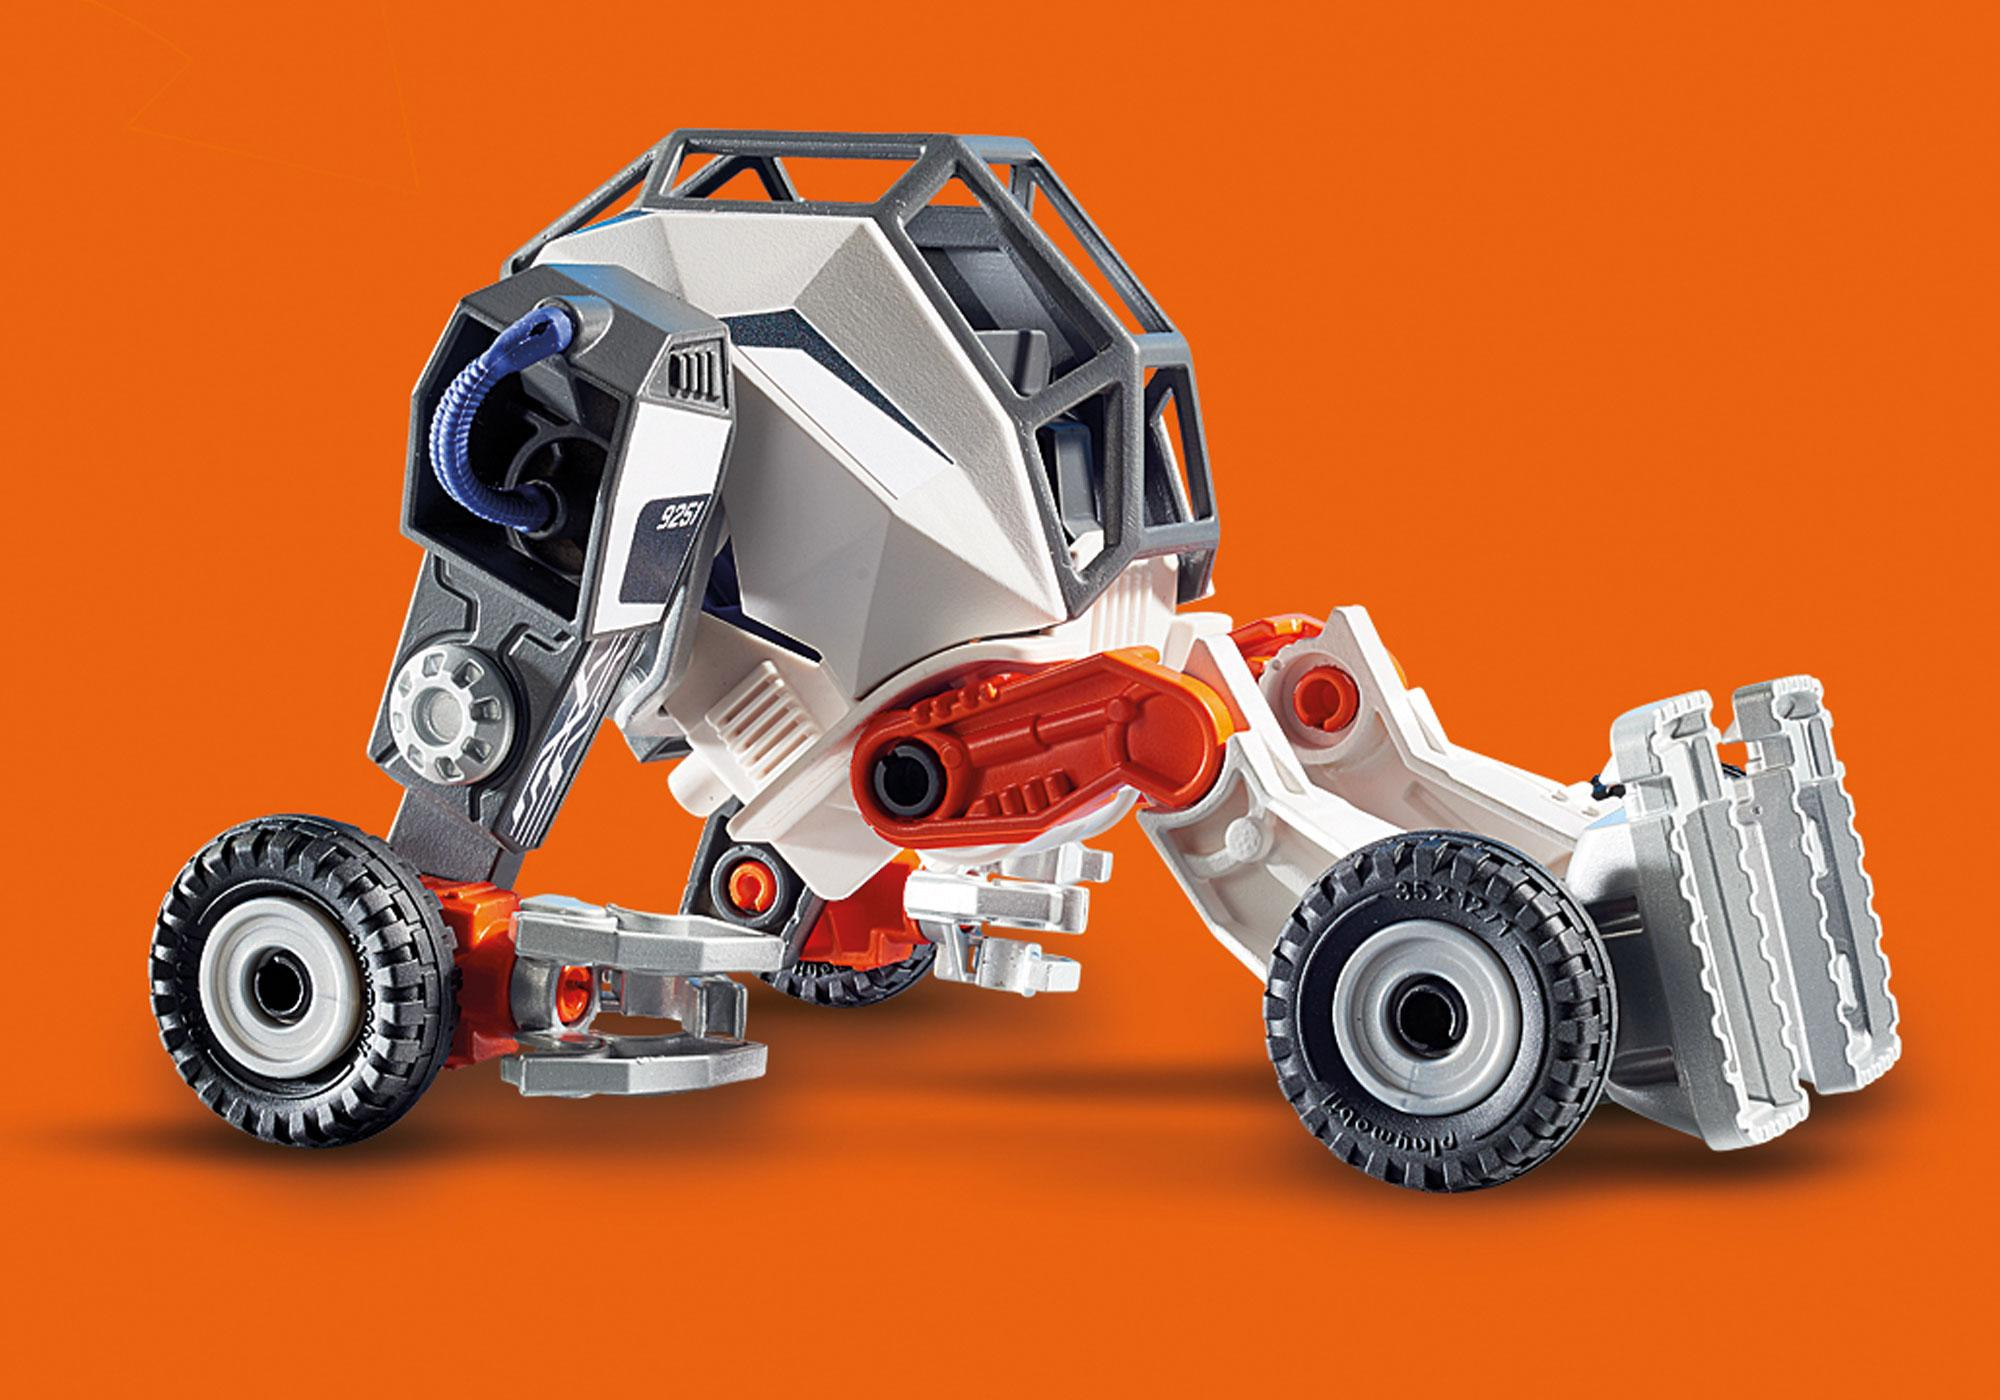 http://media.playmobil.com/i/playmobil/9251_product_extra4/Chef de la Spy Team avec Robot Mech